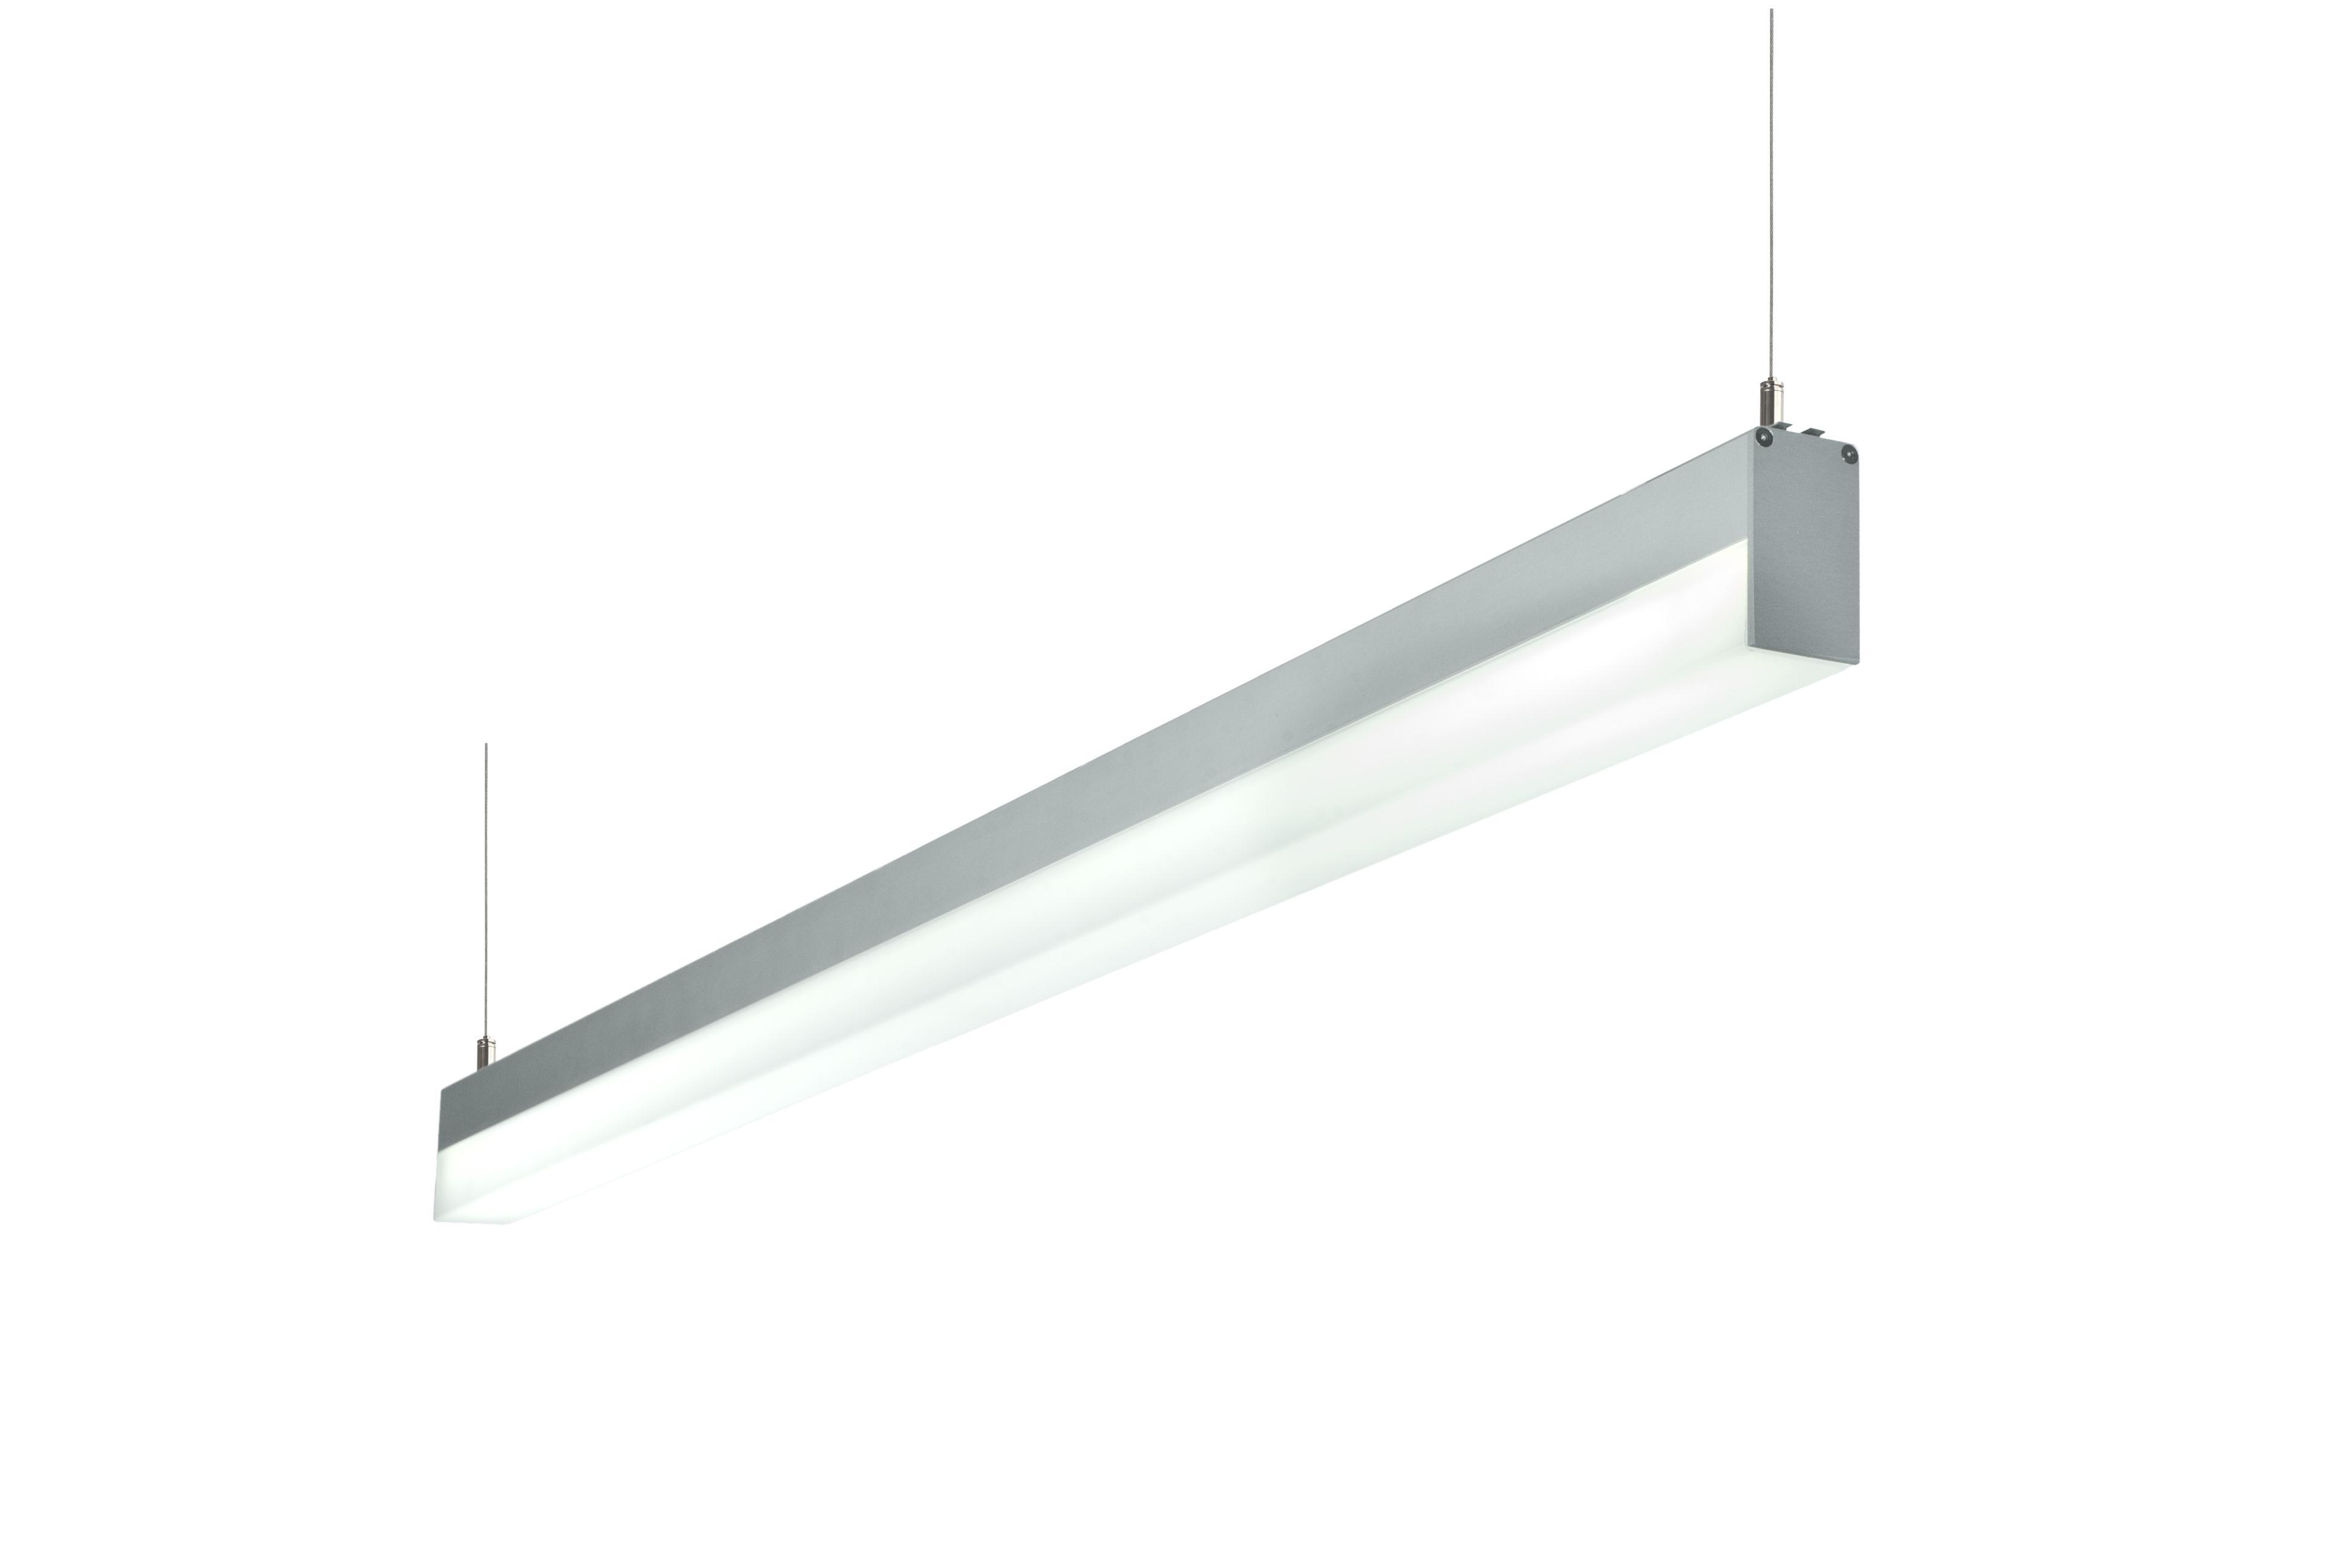 1 Stk LUCIE 1x21W EVG Lichtleiste, hohe opale Abdeckung, eloxiert LI38000011